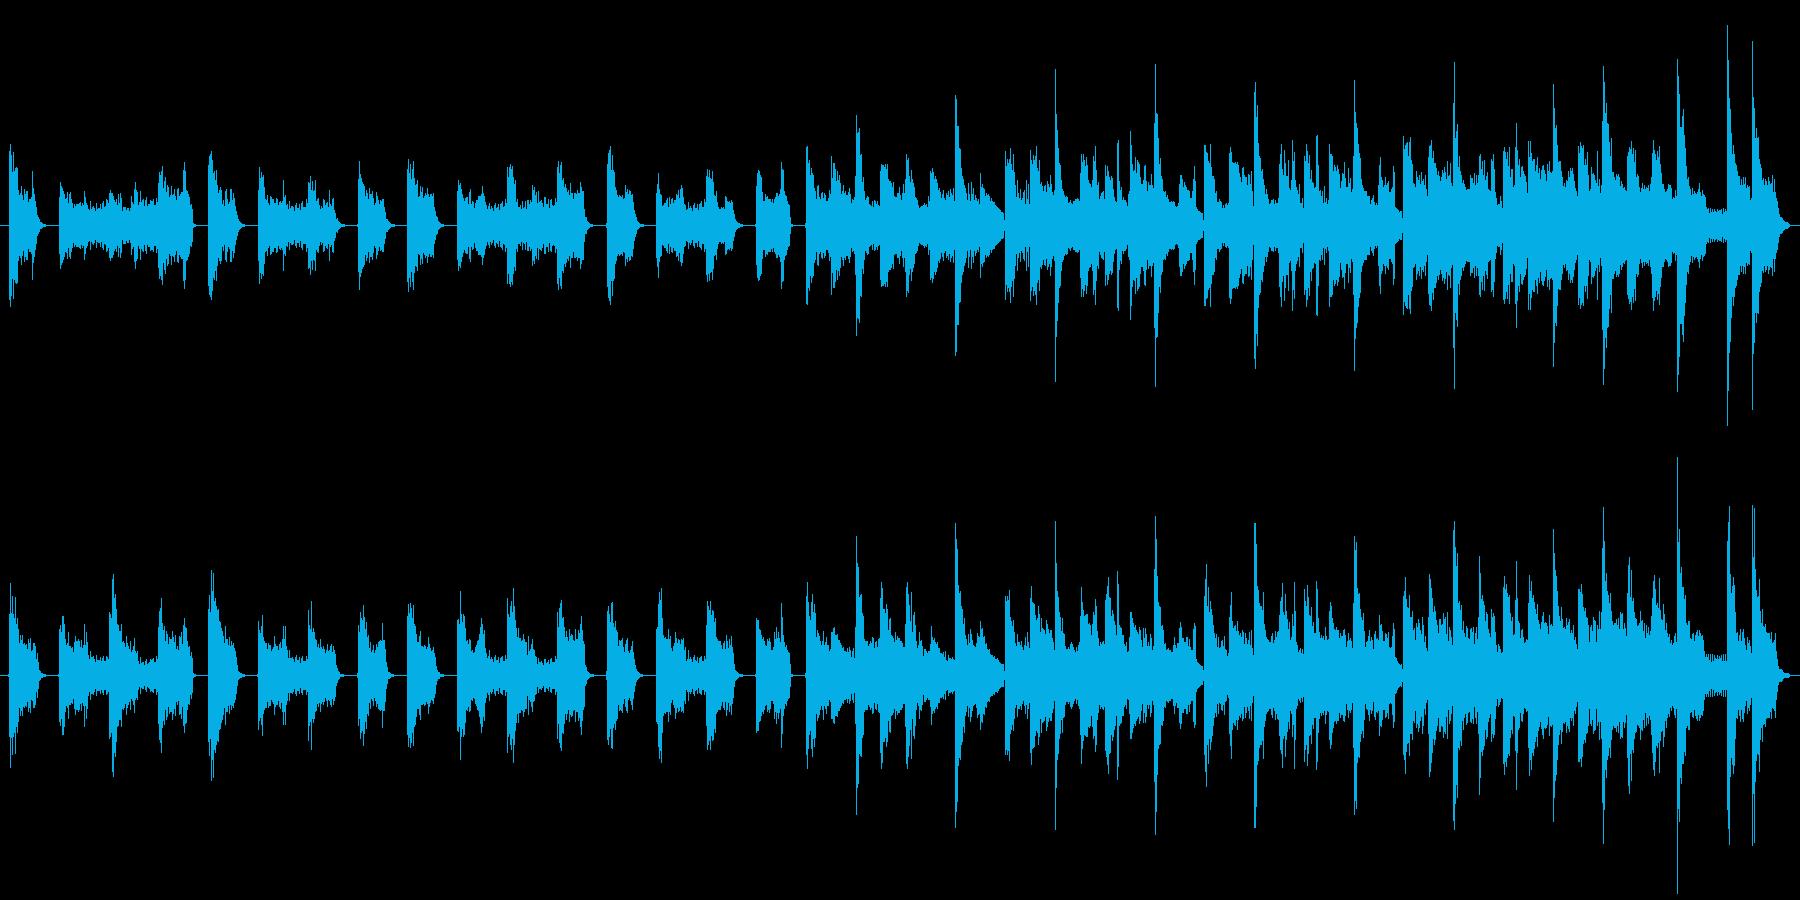 クイズ用シンキングタイムテクノCMの再生済みの波形